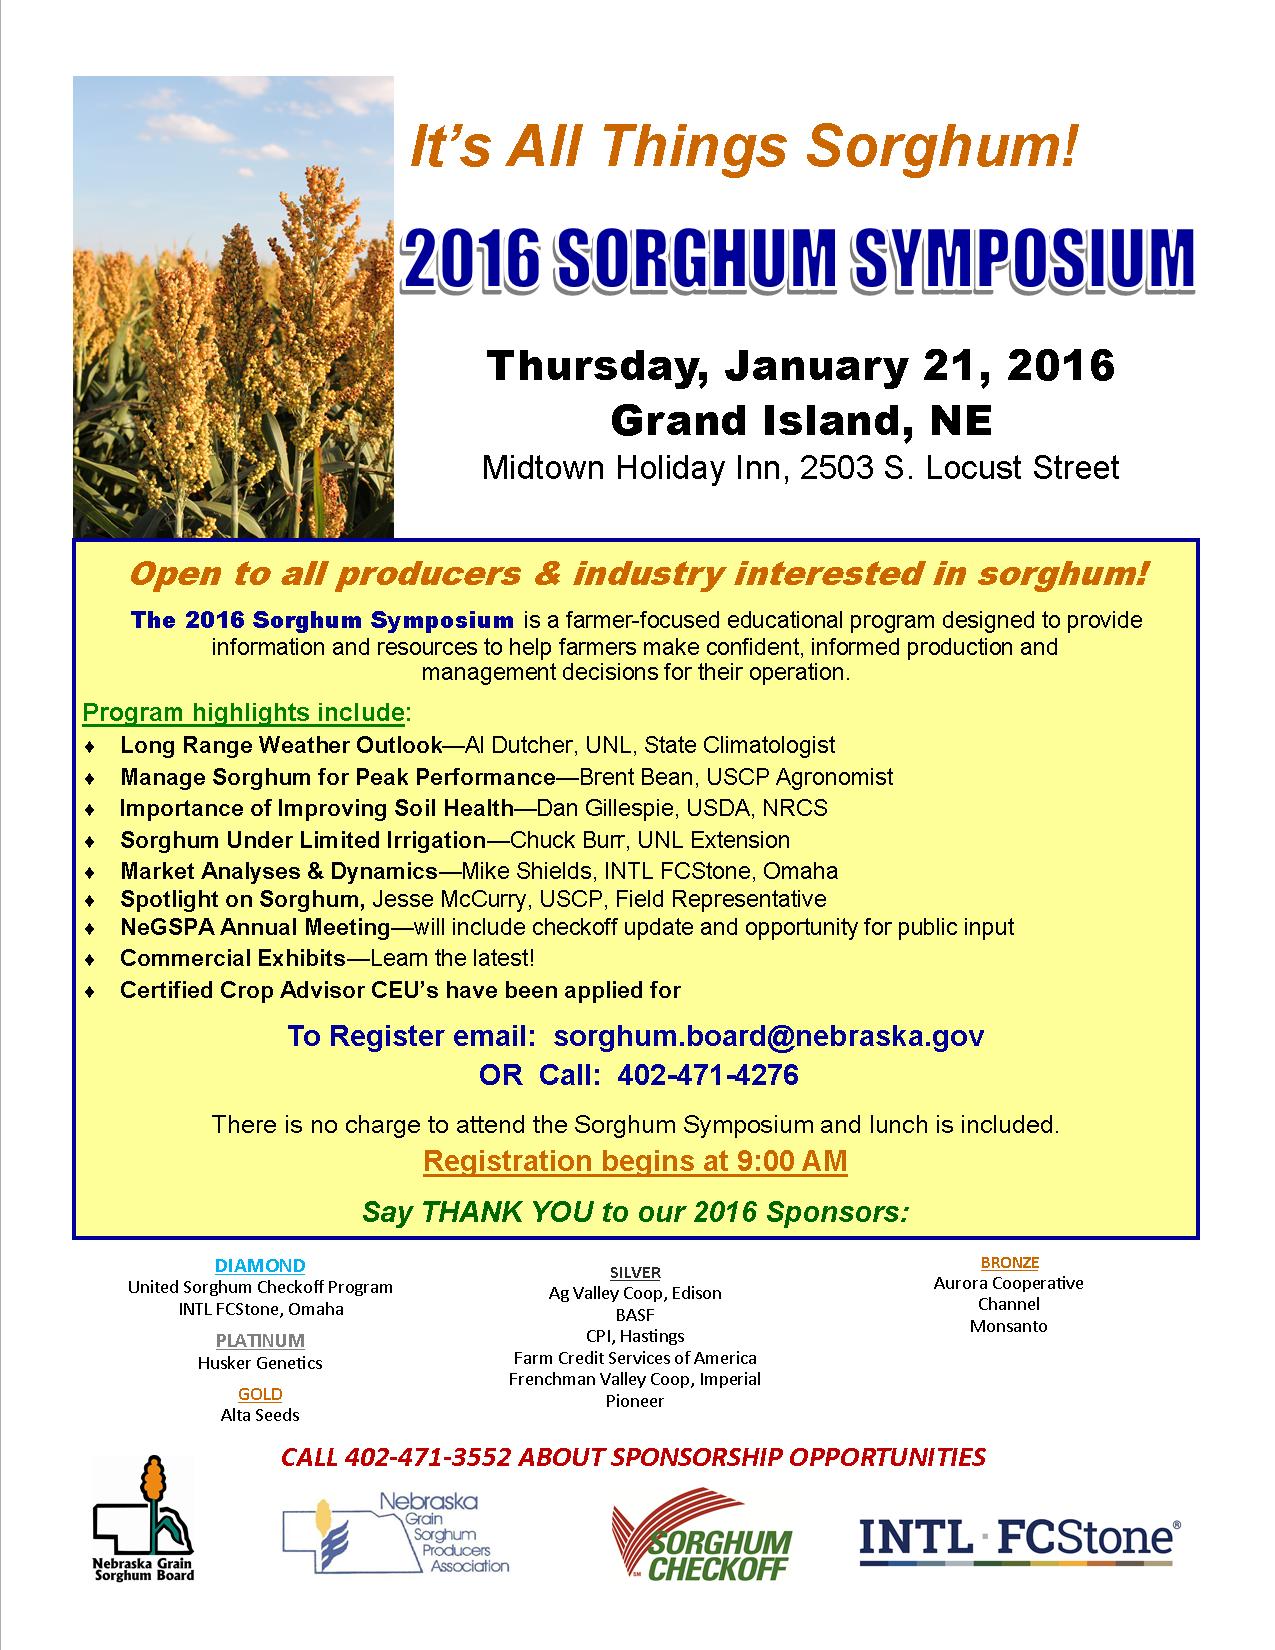 2016 Sorghum Symposium - Flyer - 12.30.15